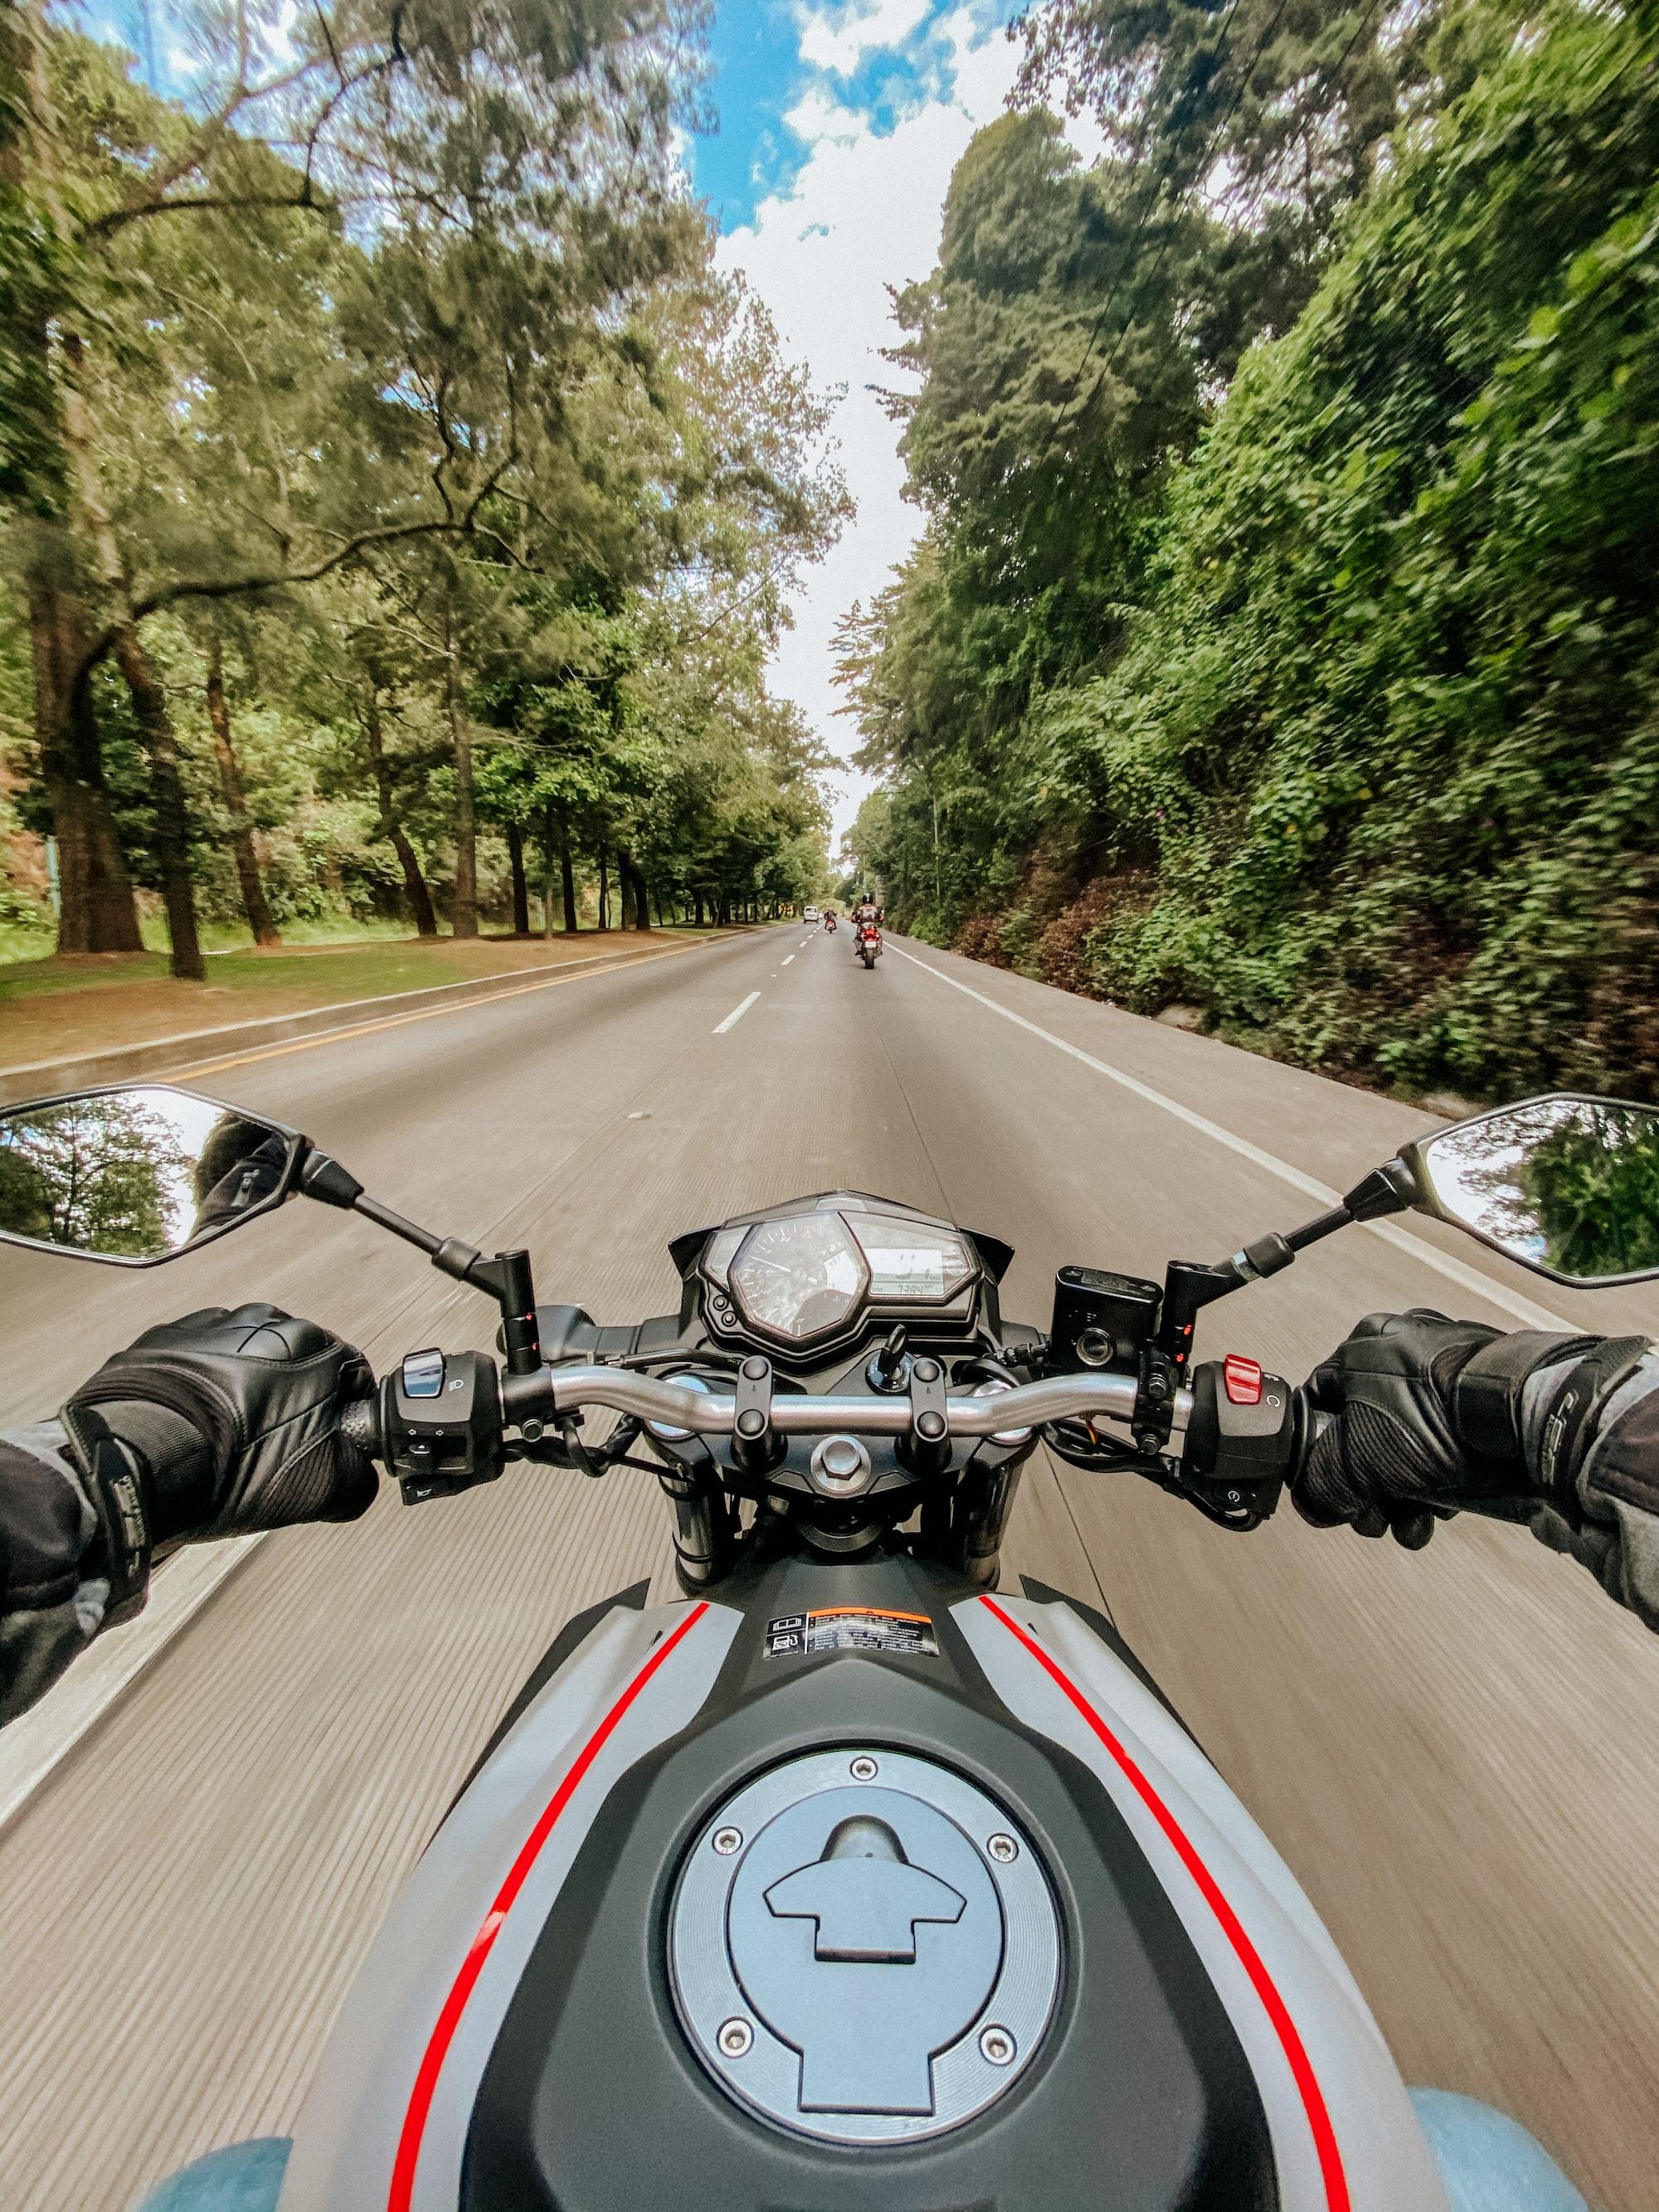 Peut-on financer le permis moto avec le CPF?